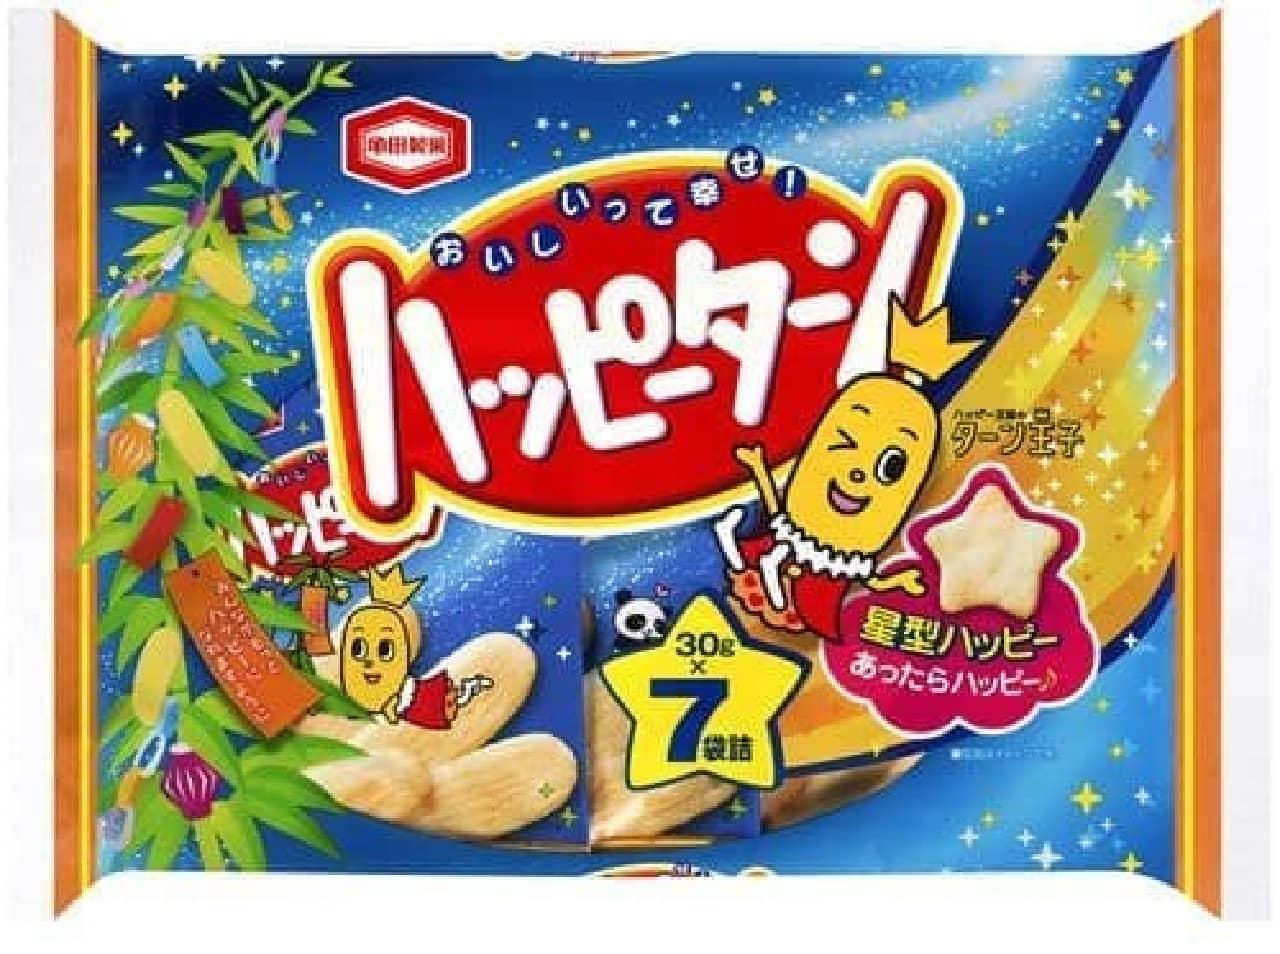 七夕パッケージ!「210g ハッピーターン7 袋詰 七夕」